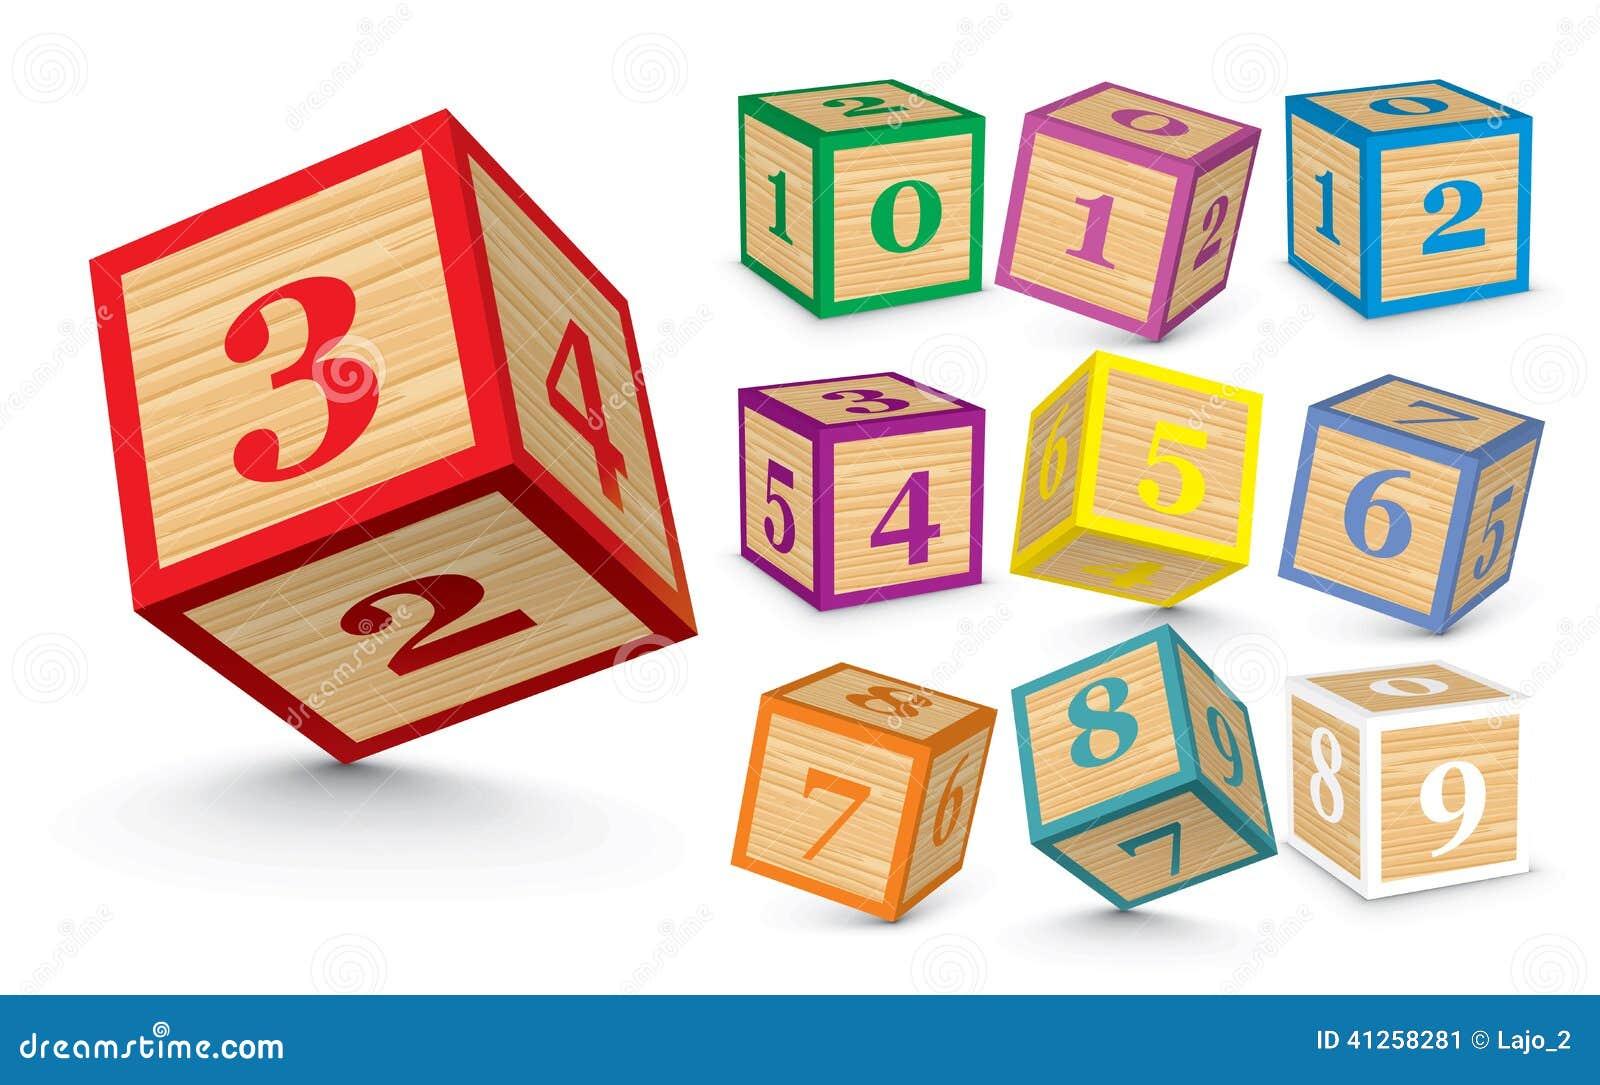 Vector Wooden Number Blocks Stock Vector - Image: 41258281